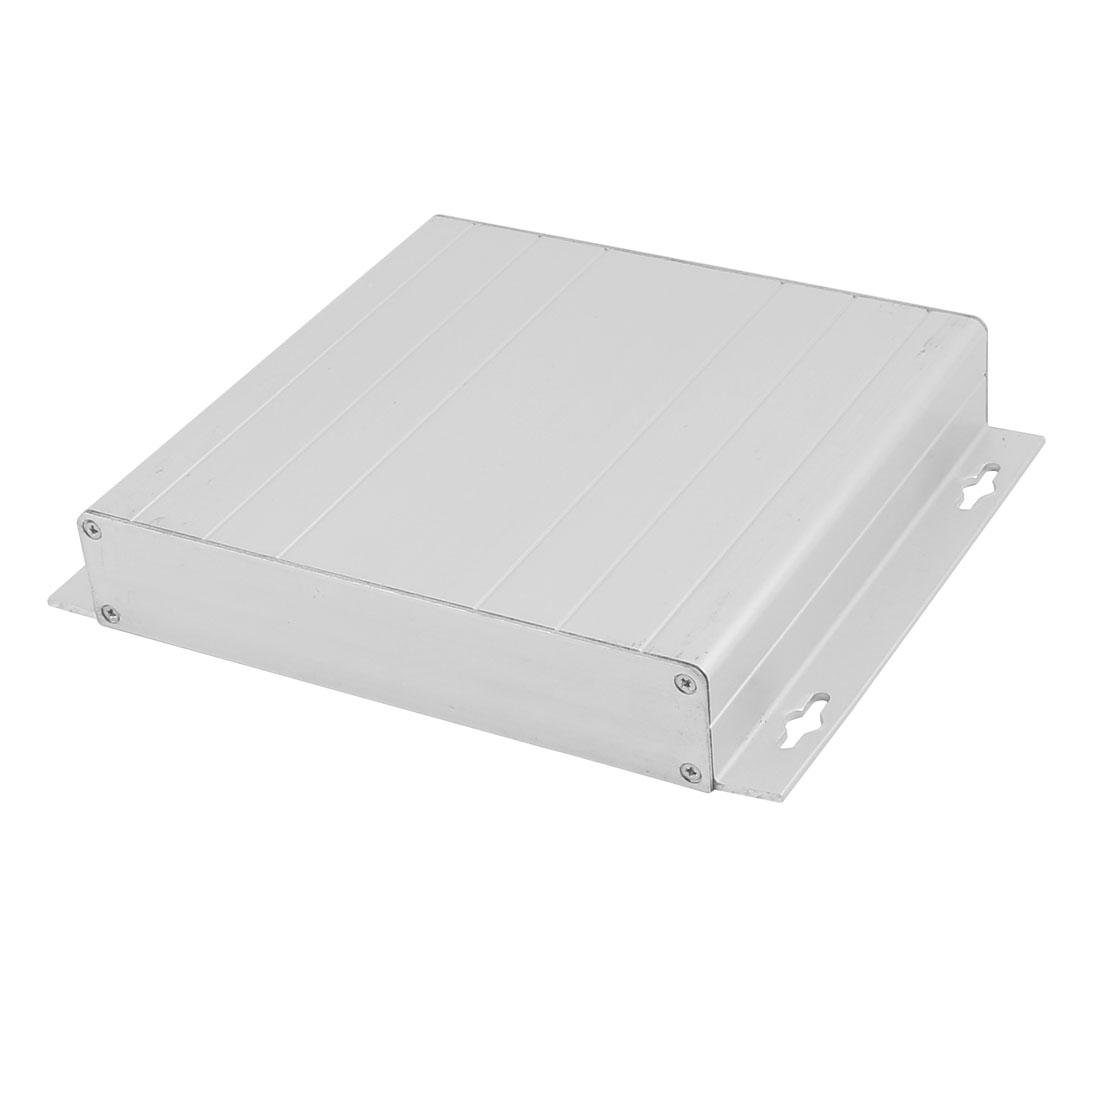 194 x 158 x 32mm Multi-purpose Electronic Extruded Aluminum Enclosure Box